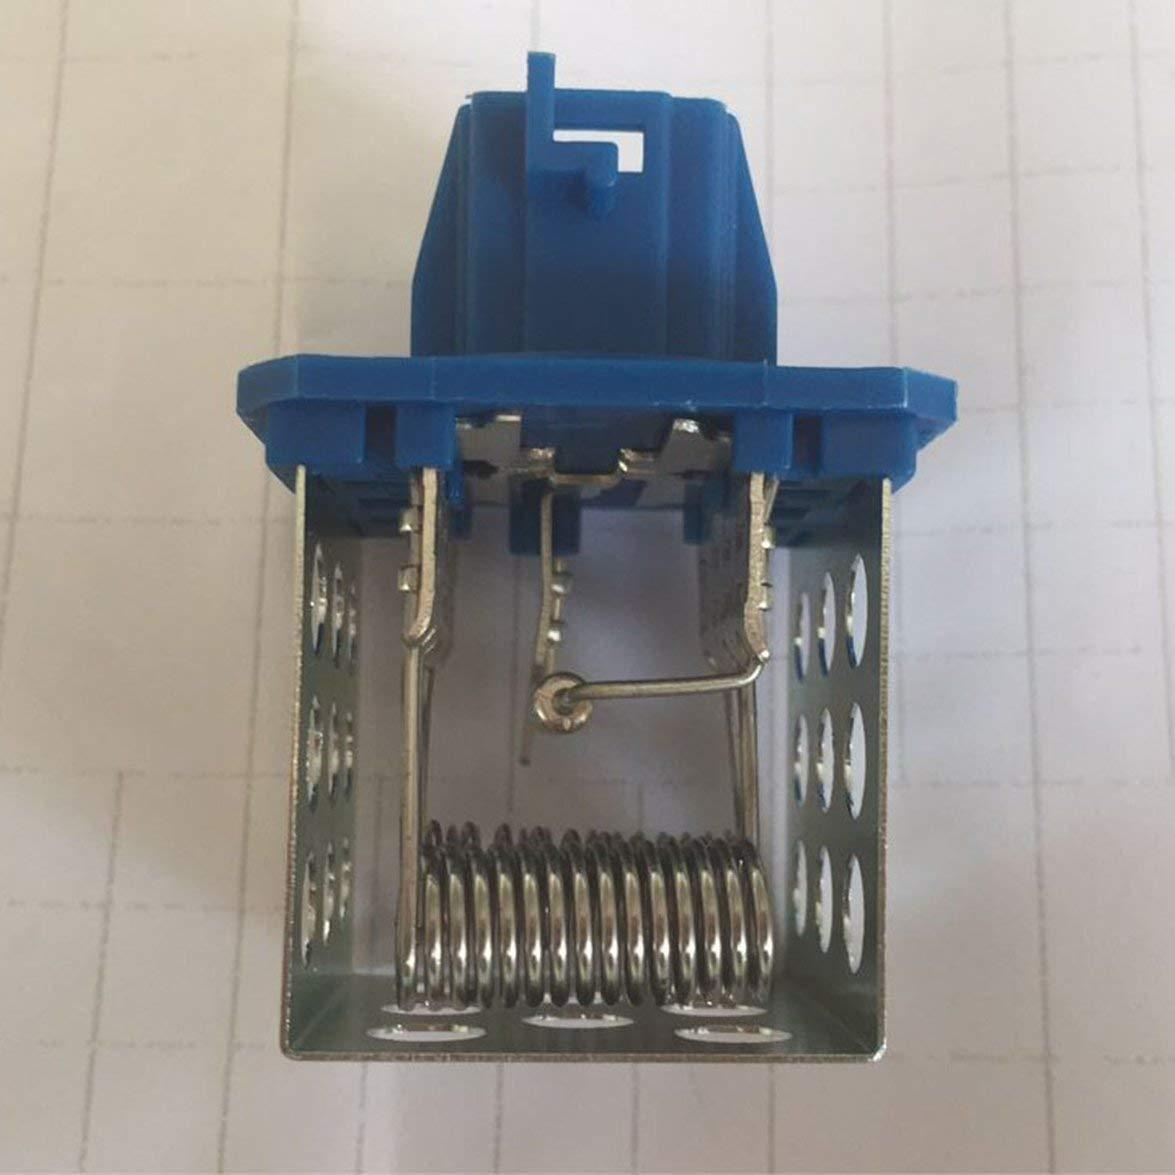 Resistencia del Ventilador del Calentador//soplador Kongqiabona para Citroen Xsara Picasso 2.0 HDI